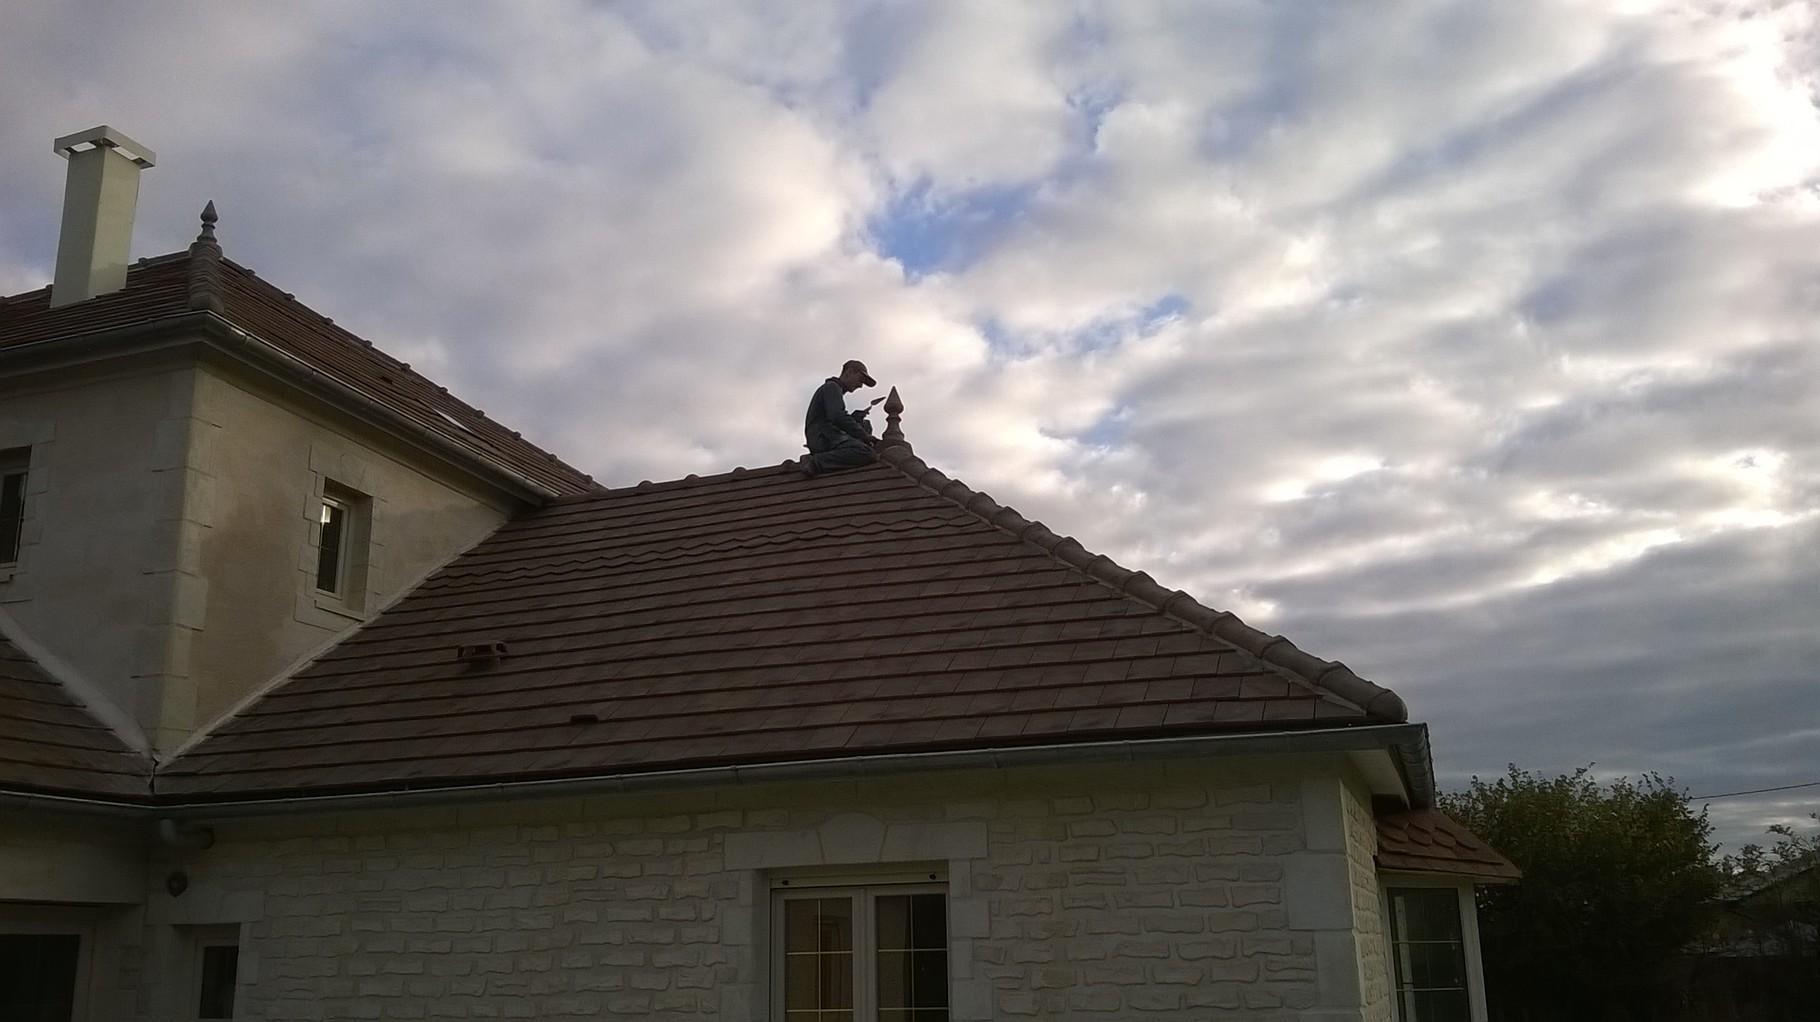 Pose des poinçons de toit; quand on en est là on tient le bon bout !